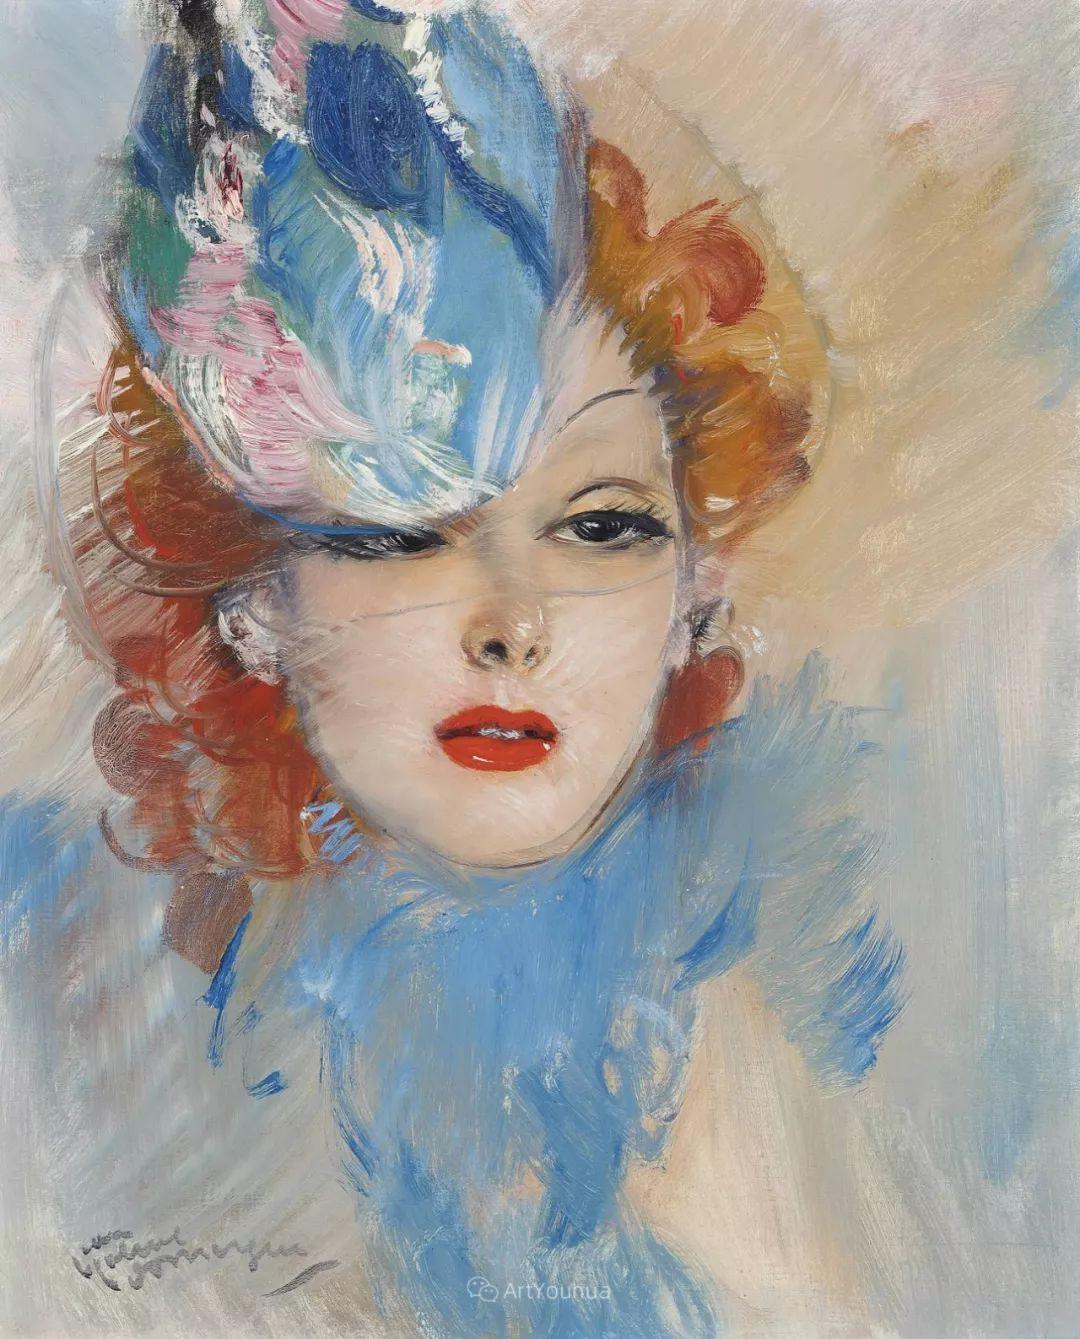 他画中的美女:典雅美丽天鹅颈,脸上带着调情趣味插图7